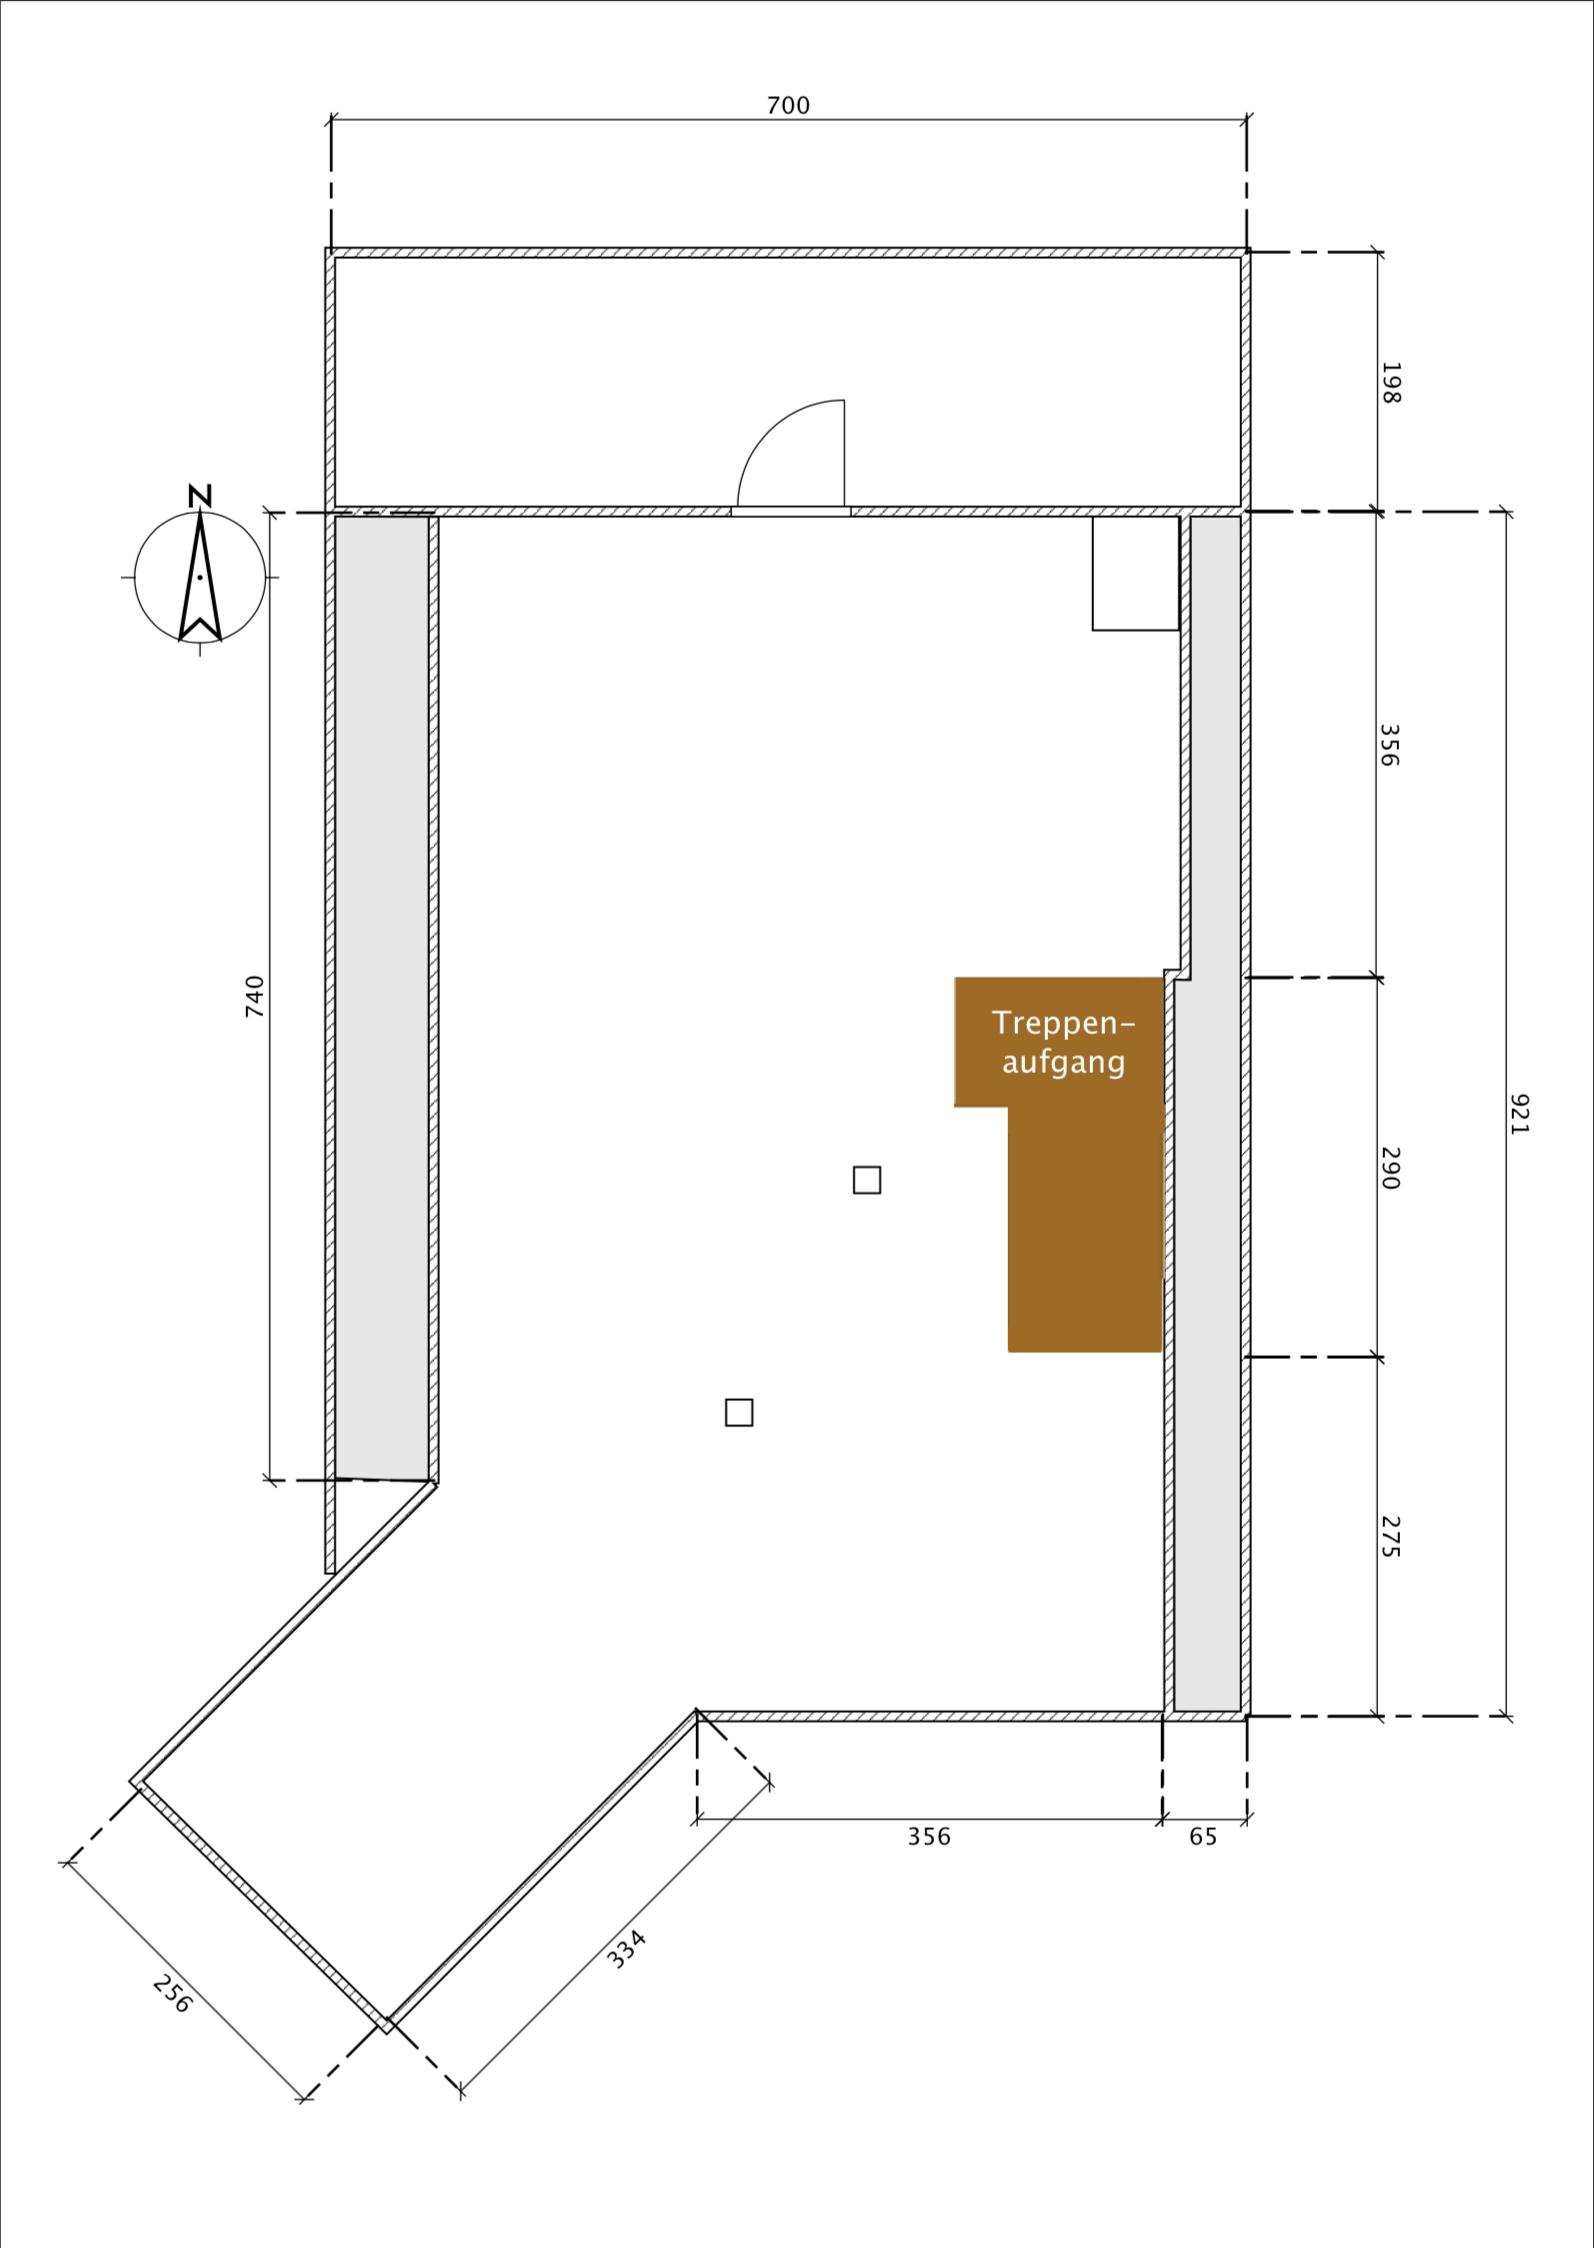 Grundriss Dachbodenzimmer Bahnhofstr. 1a